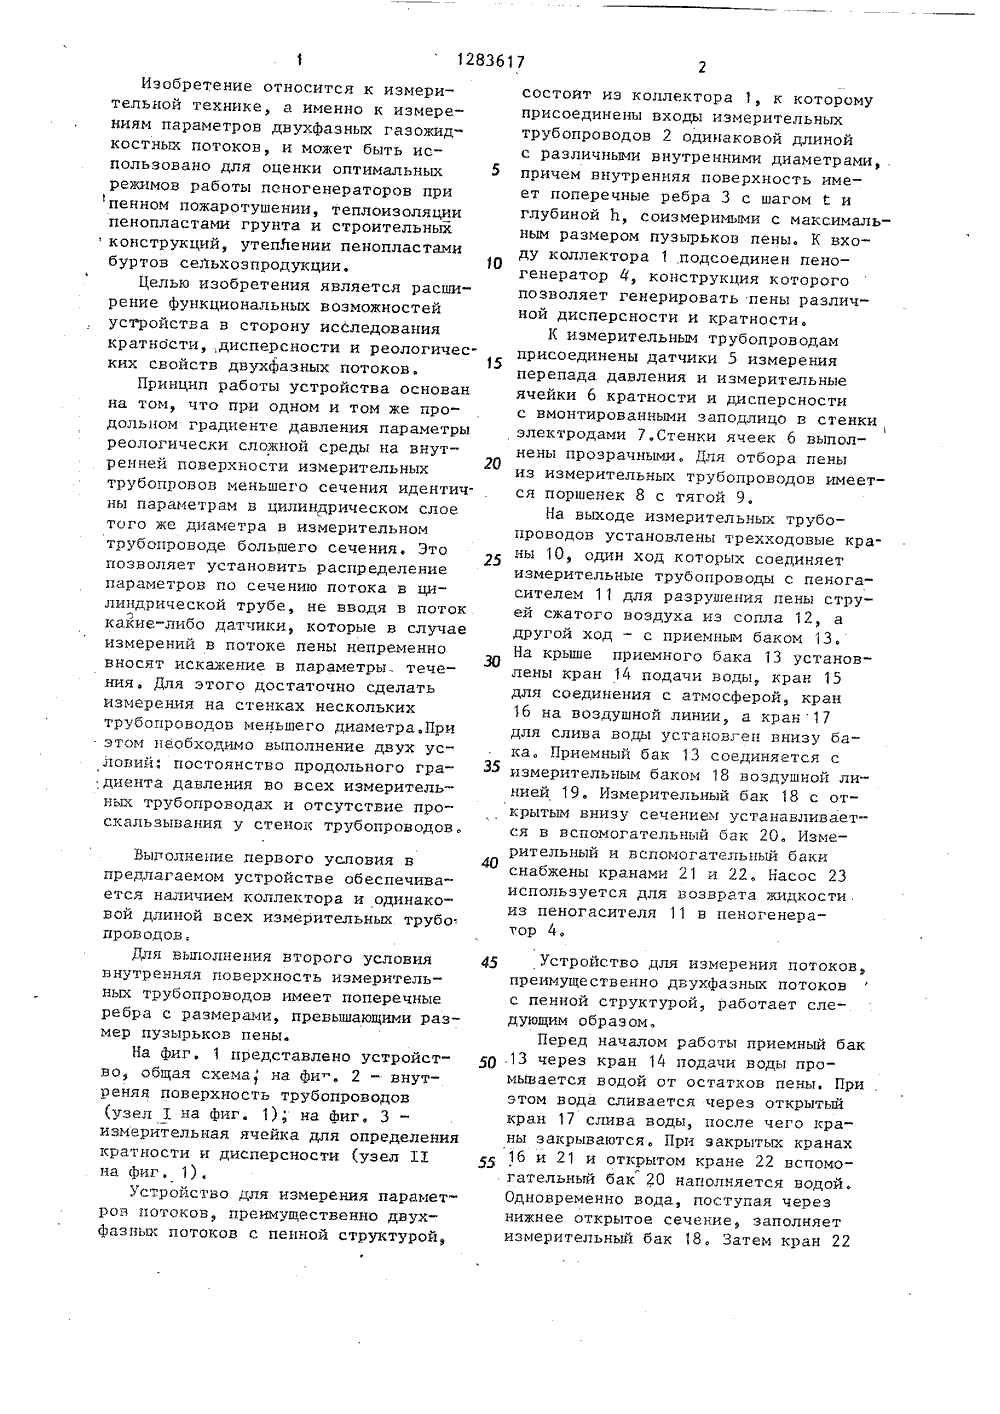 УРПС-3Д-50-16-1-3 ФГИР 421321.001 ТУ-03 с электроприводом NA-006/17-90Р-0С